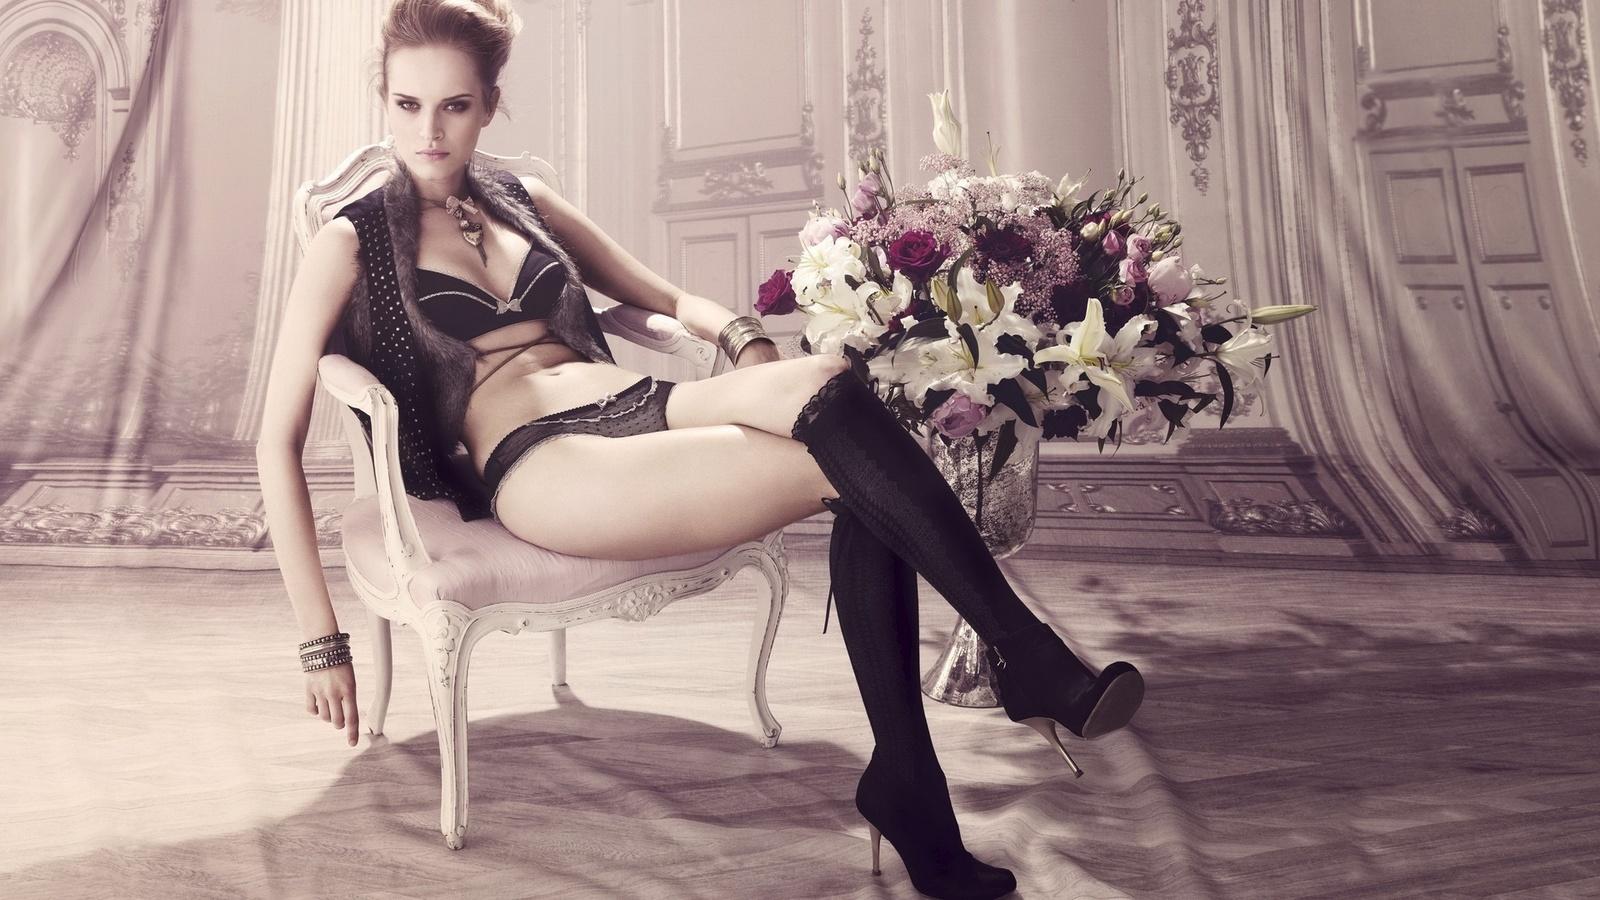 царские палаты, резное кресло, экстравагантная красотка